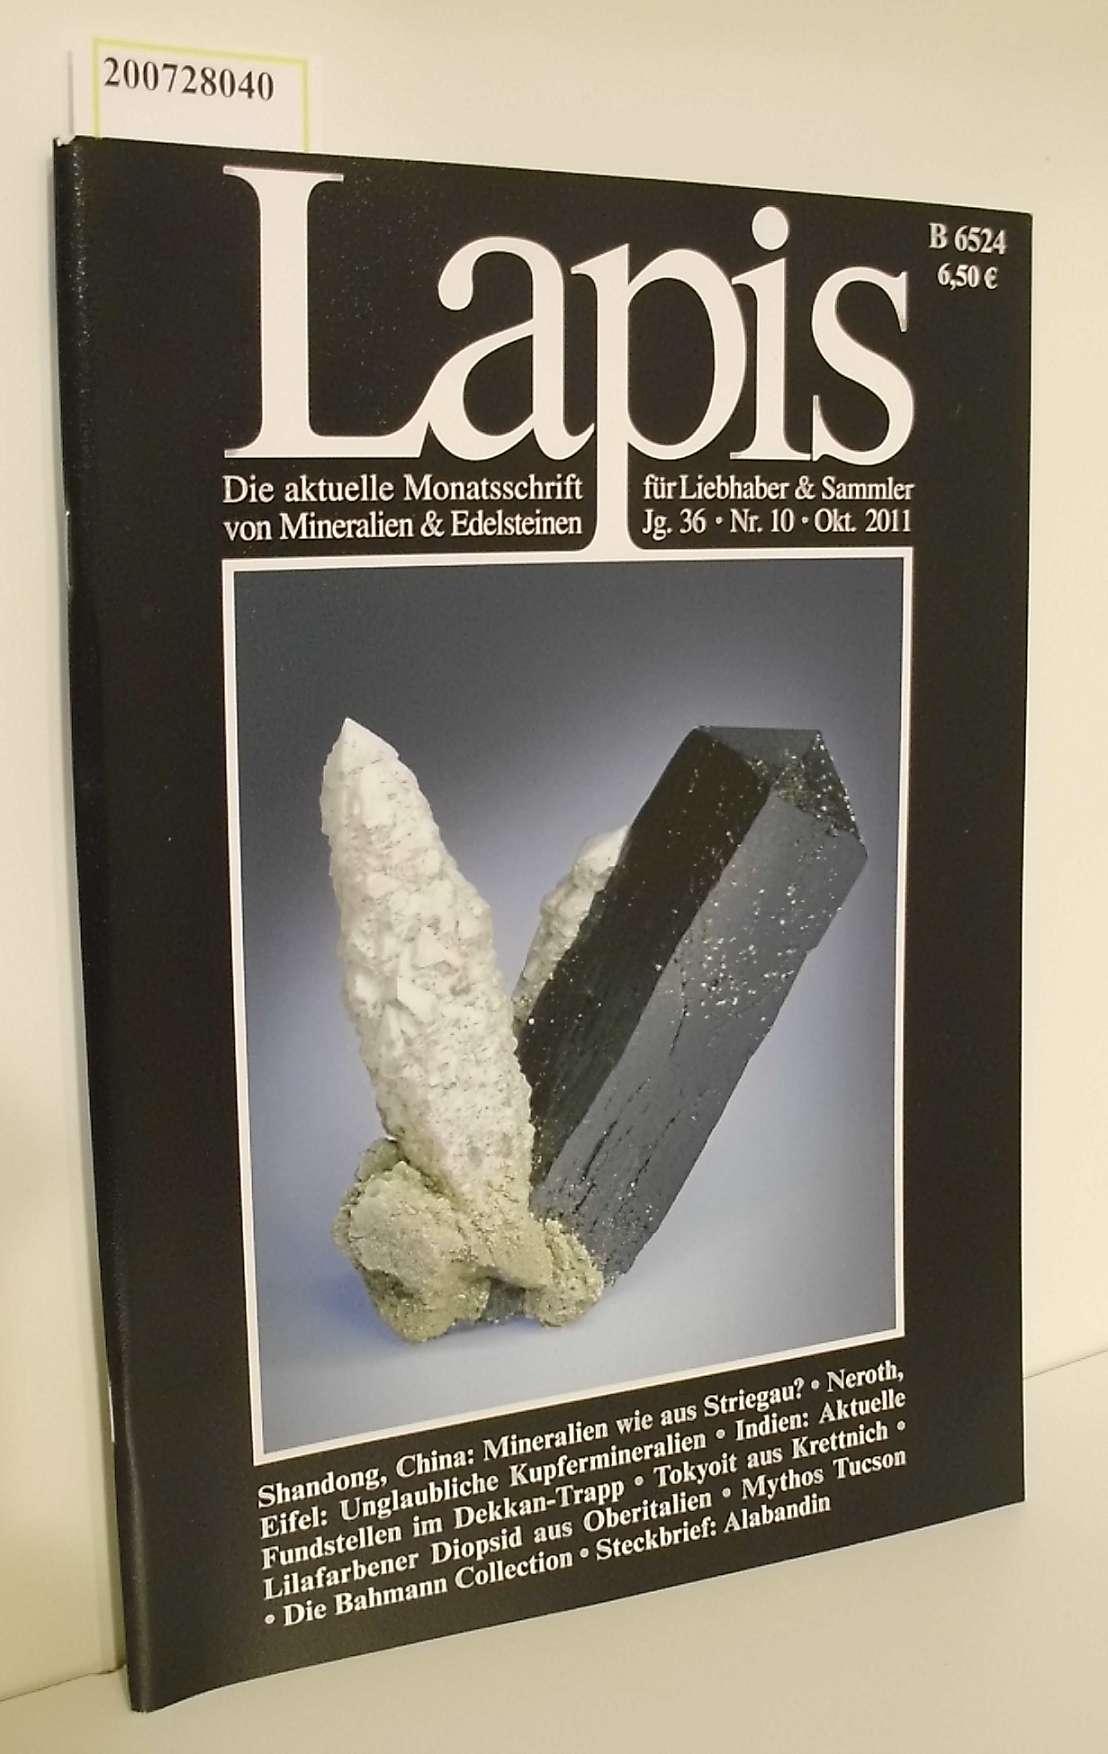 Lapis. Monatsschrift für Liebhaber & Sammler von Mineralien & Edelsteinen. Nr. 10/2011 Steckbrief: AlabandinShandong, China: Mineralien wie aus Striegau?...u.a.